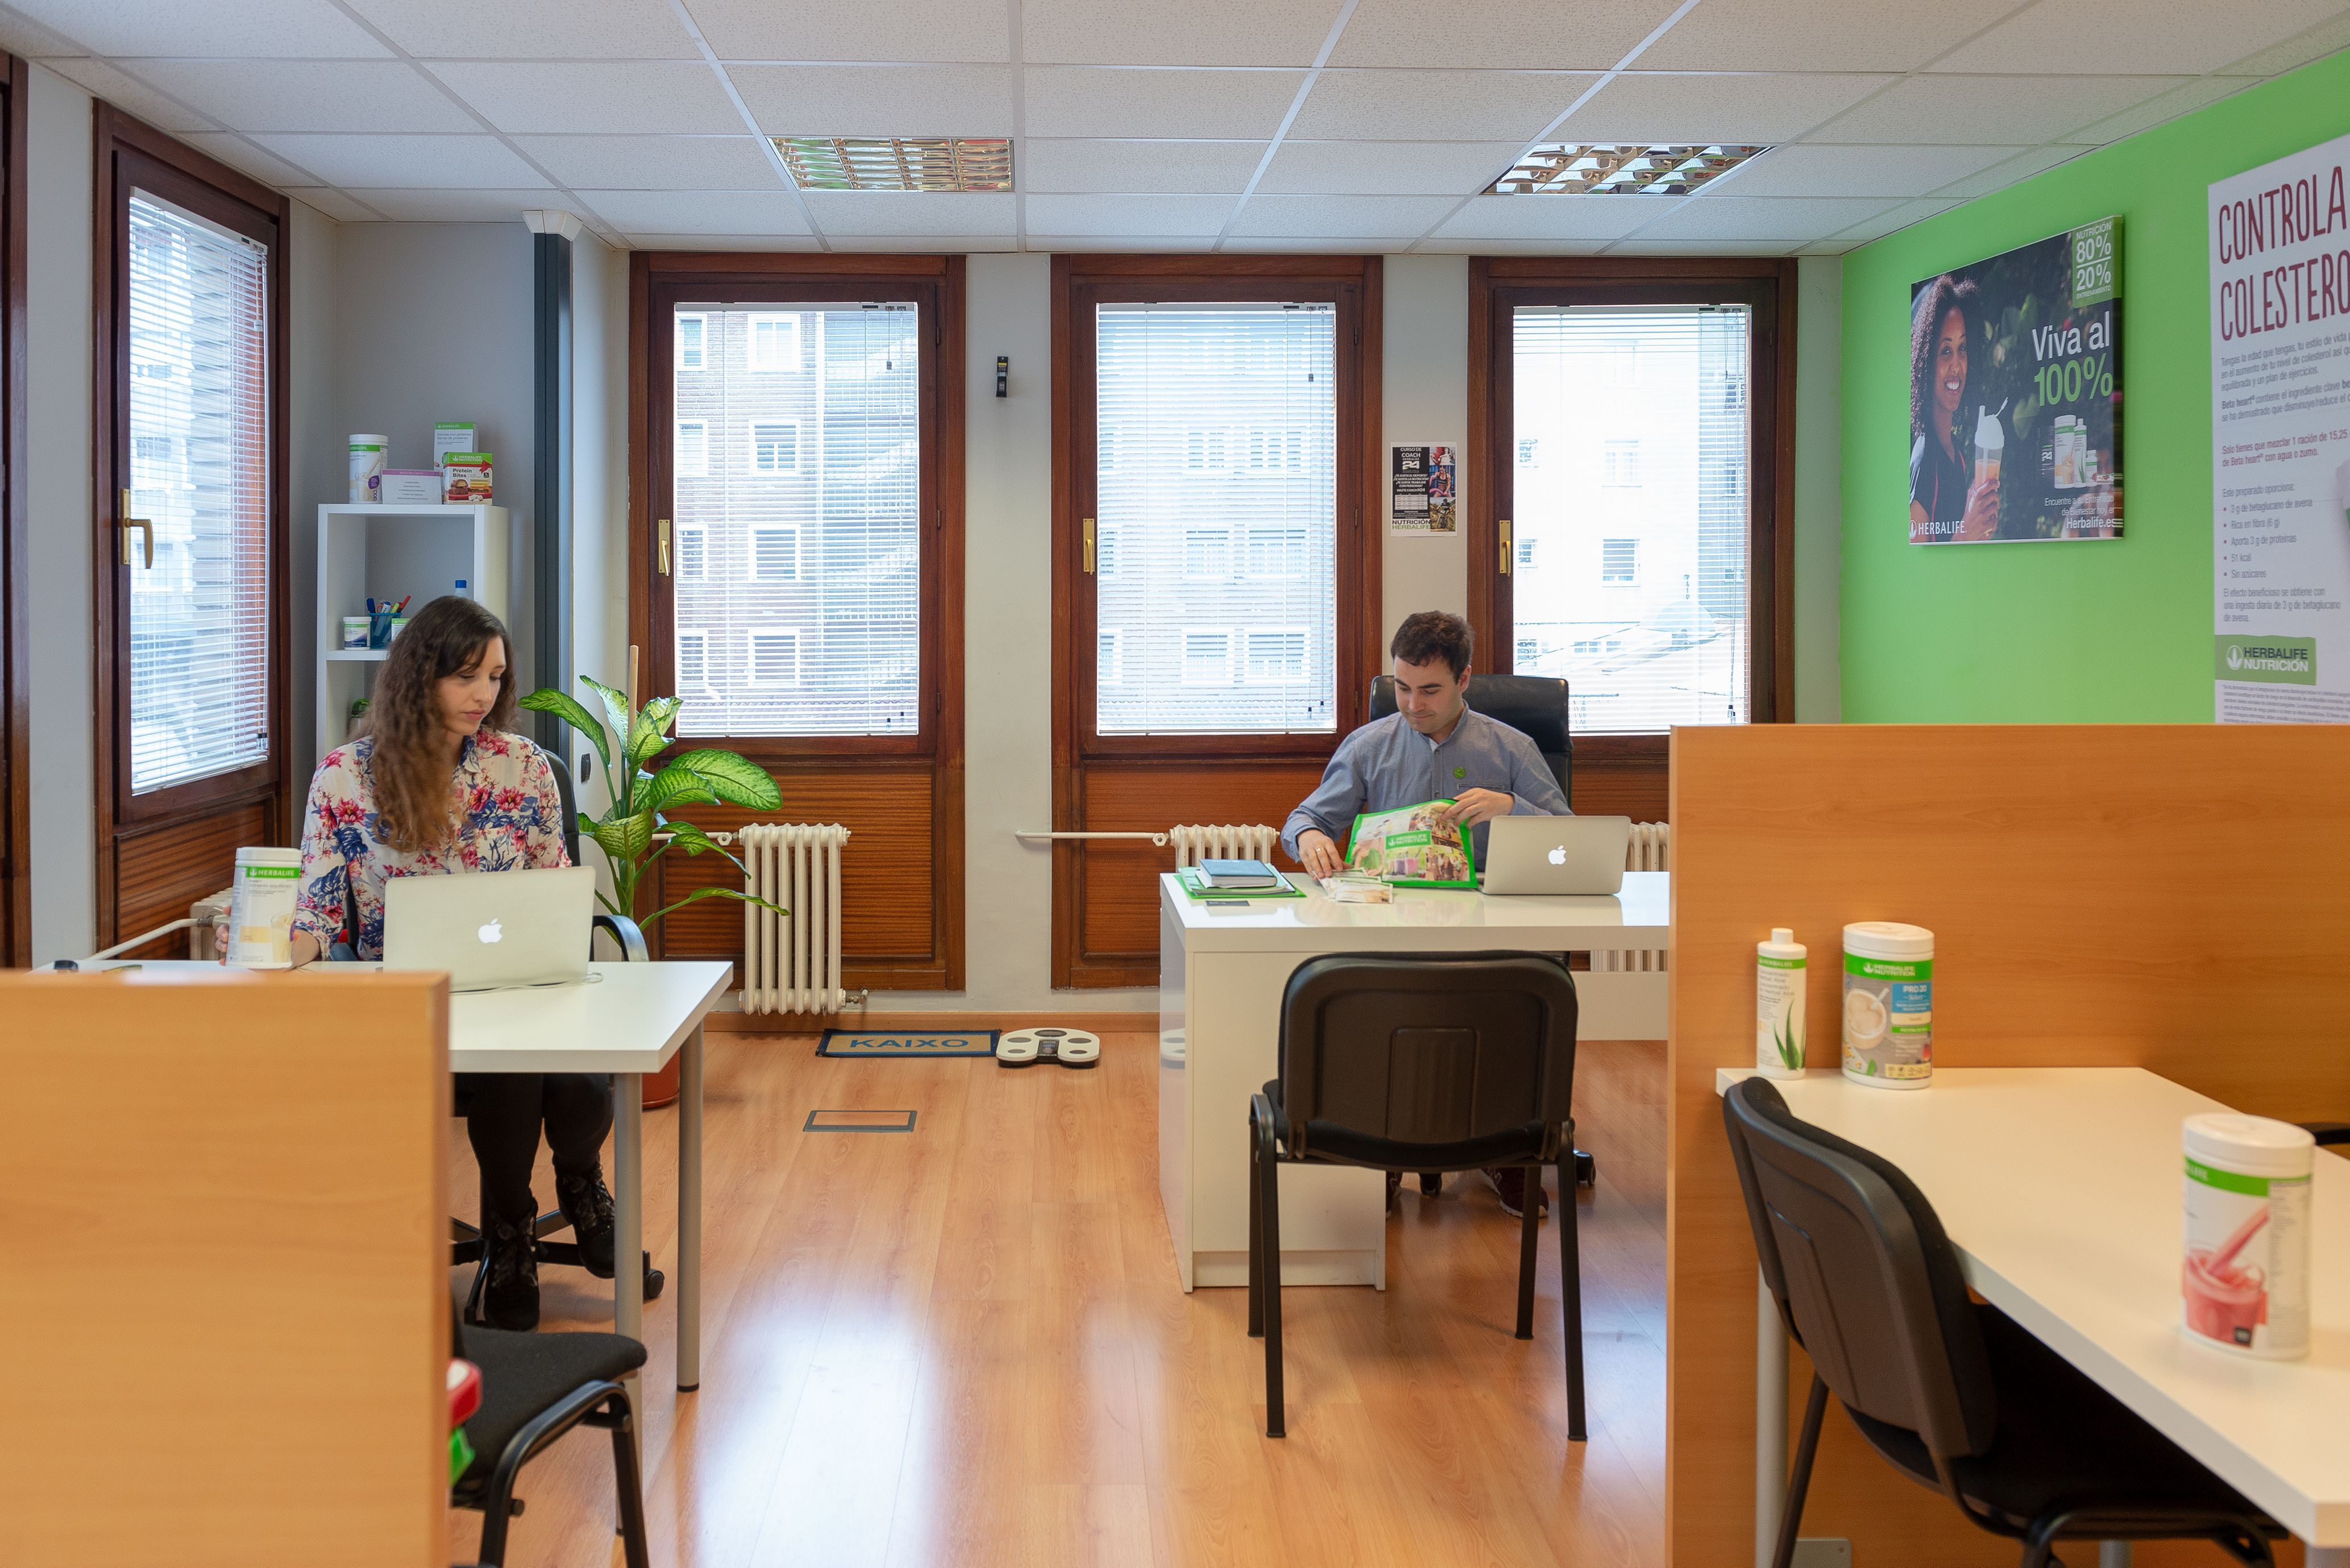 Centro de Bienestar Postas-Araba en Vitoria